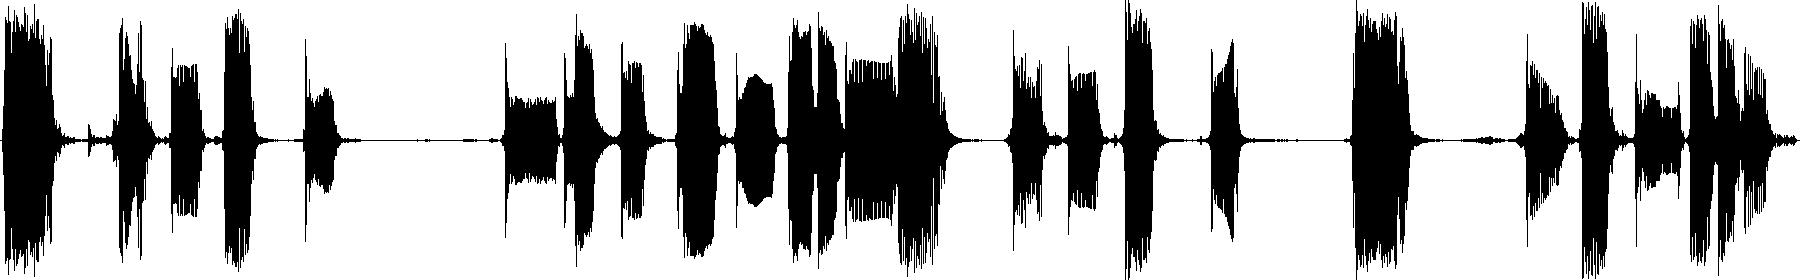 guitarfunk02 100